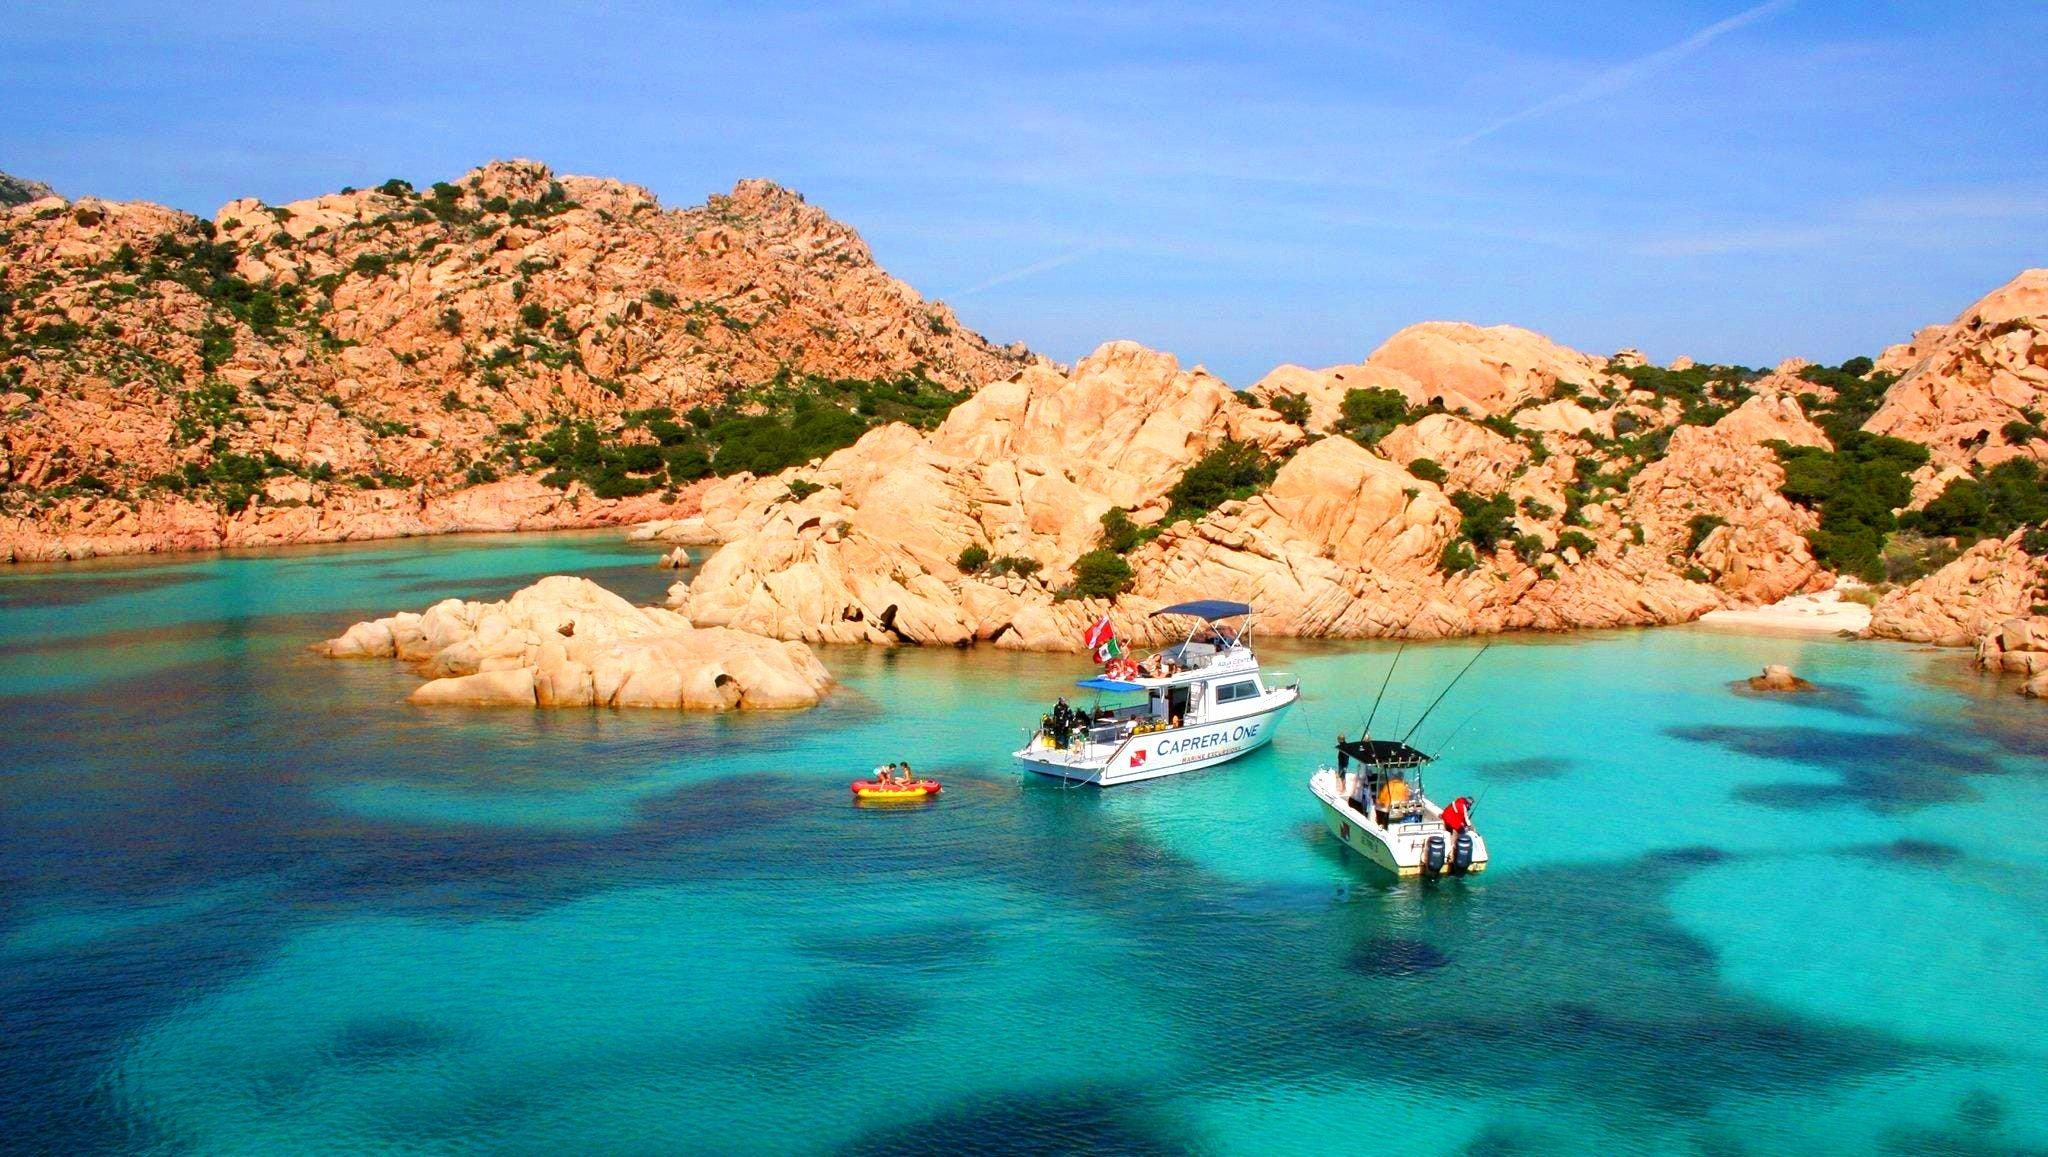 La barca di Orso Diving Club Poltu Quatu sta per gettare l'ancora vicino ad una spiaggia, durante il giro in barca dell'isola di Caprera.